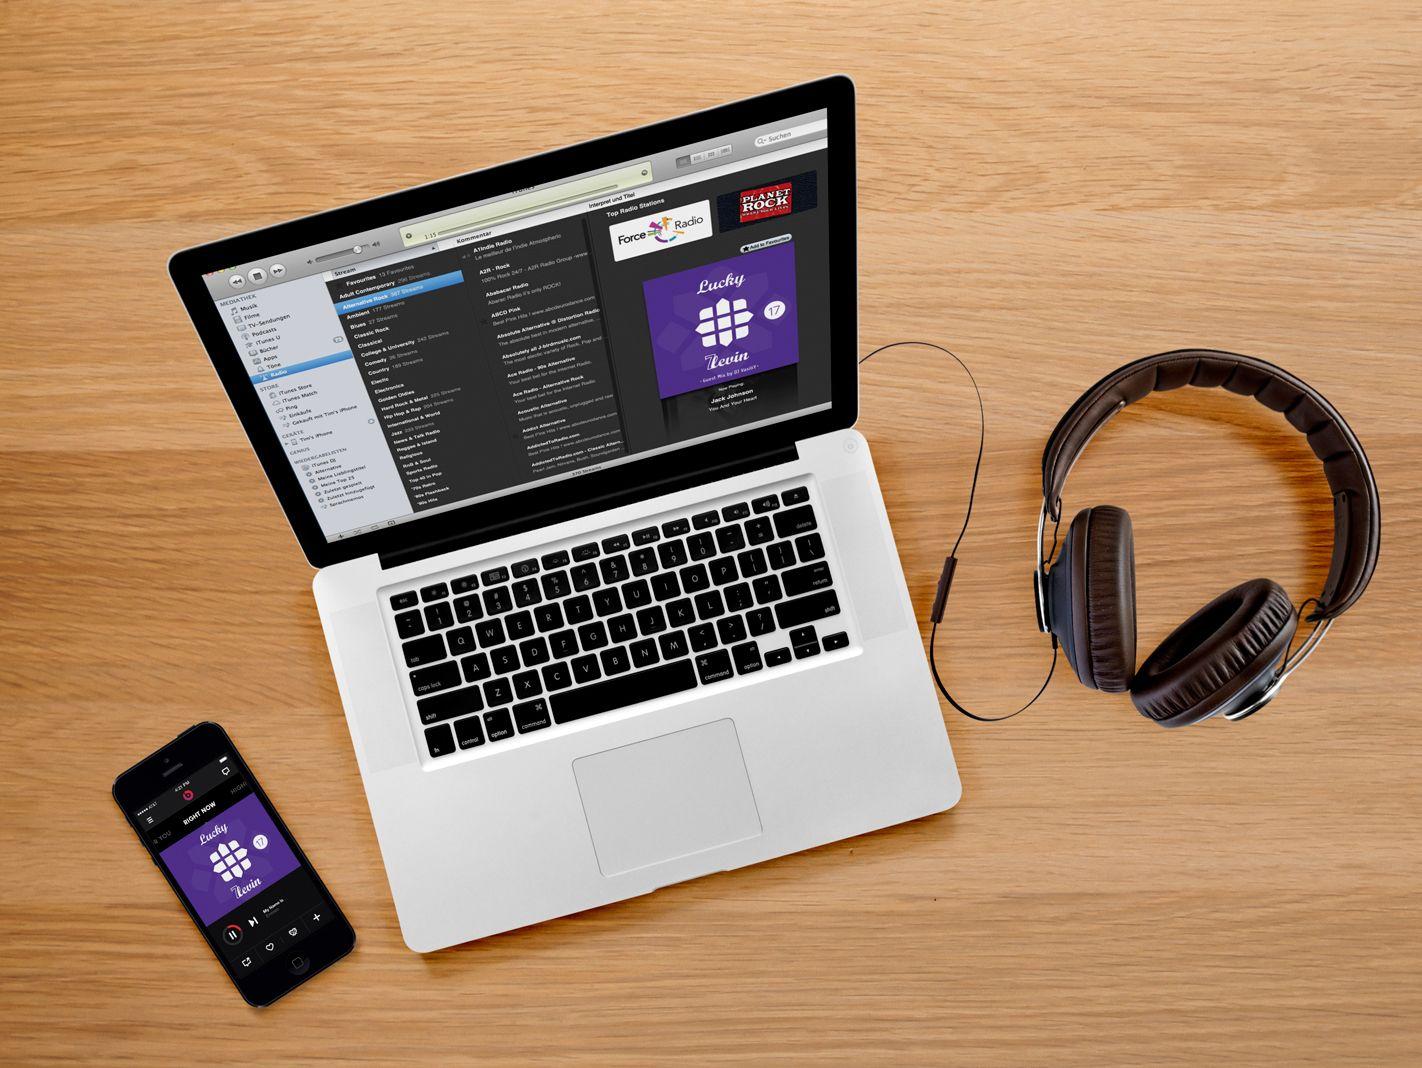 Обложка музыкального подкаста в iTunes - дизайнер Enrik